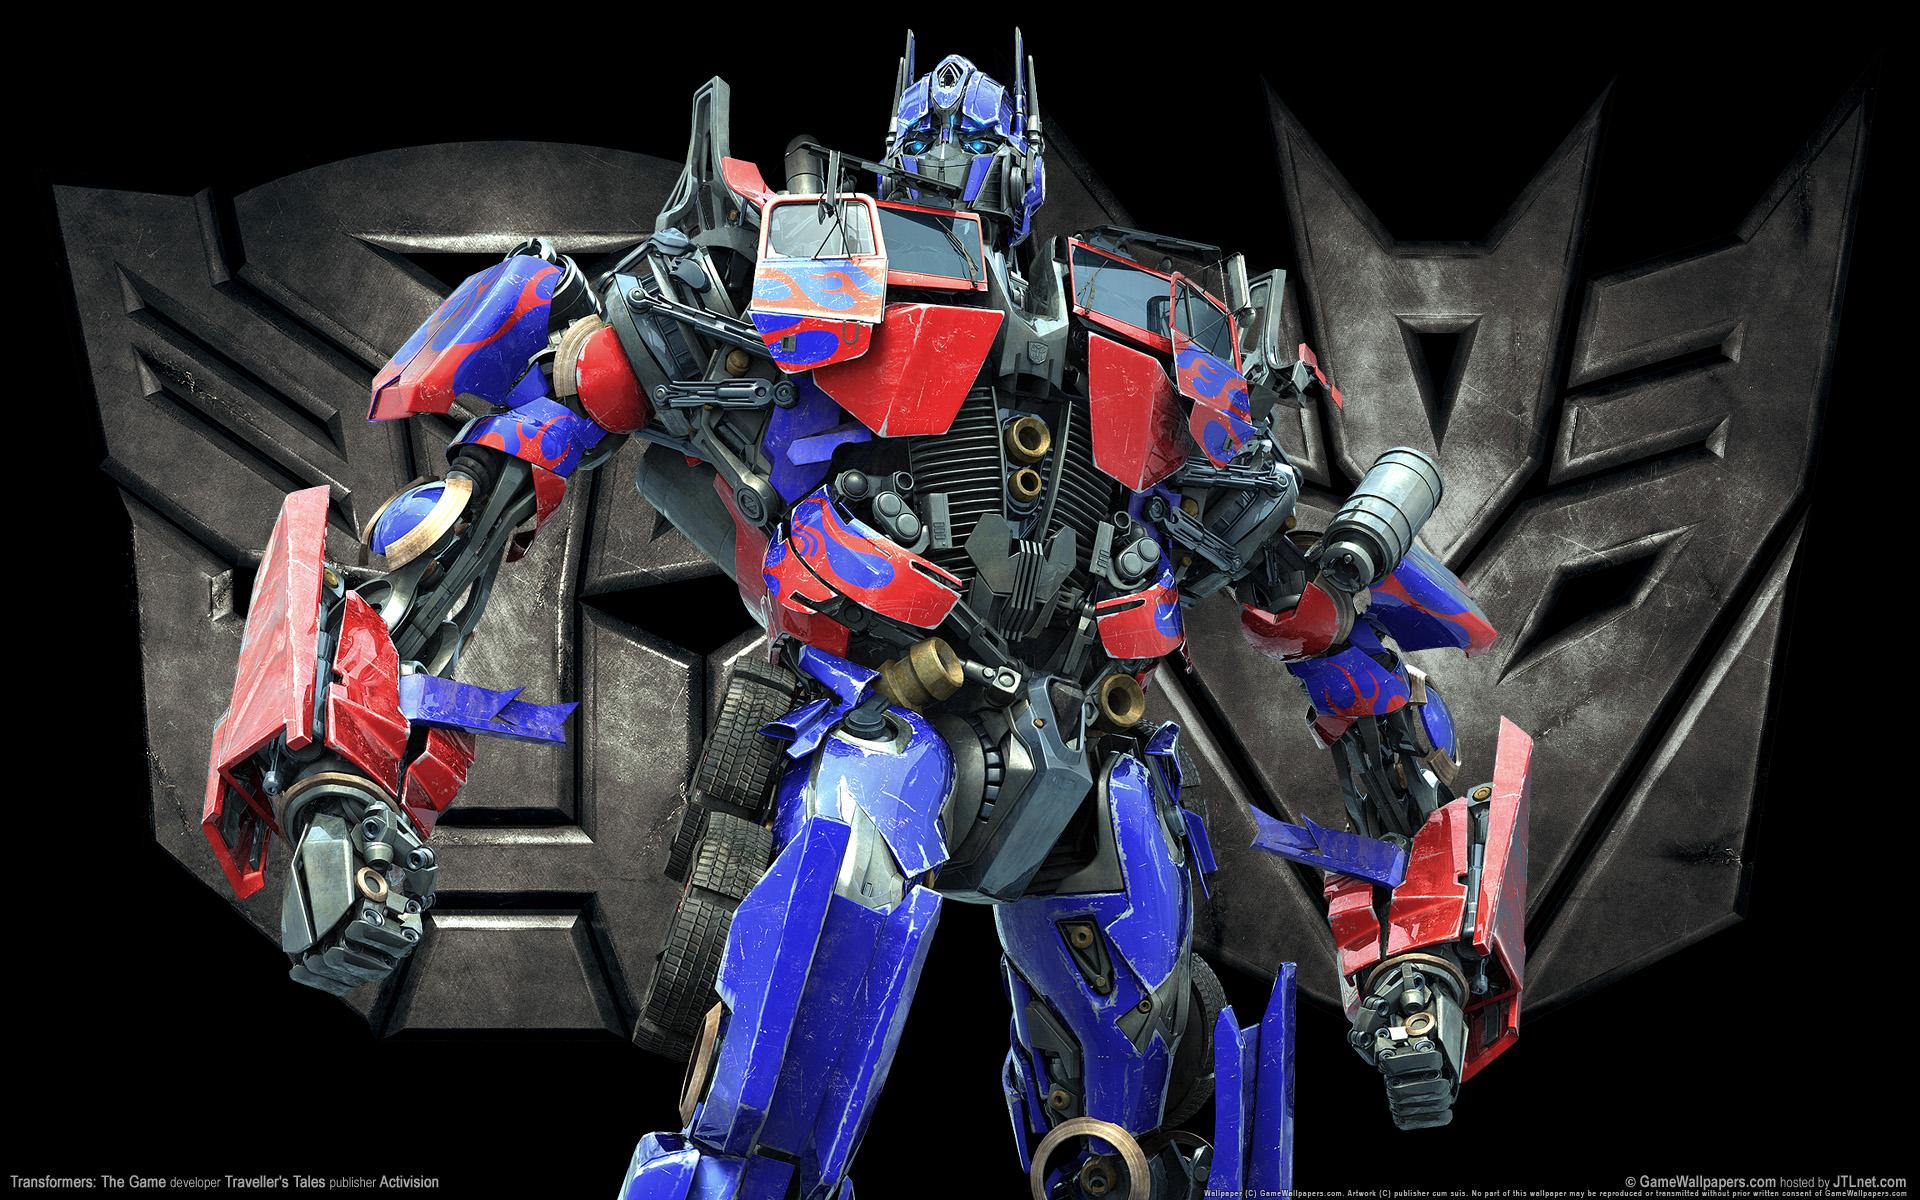 transformers optimus prime wallpapers wallpaper 1920x1200